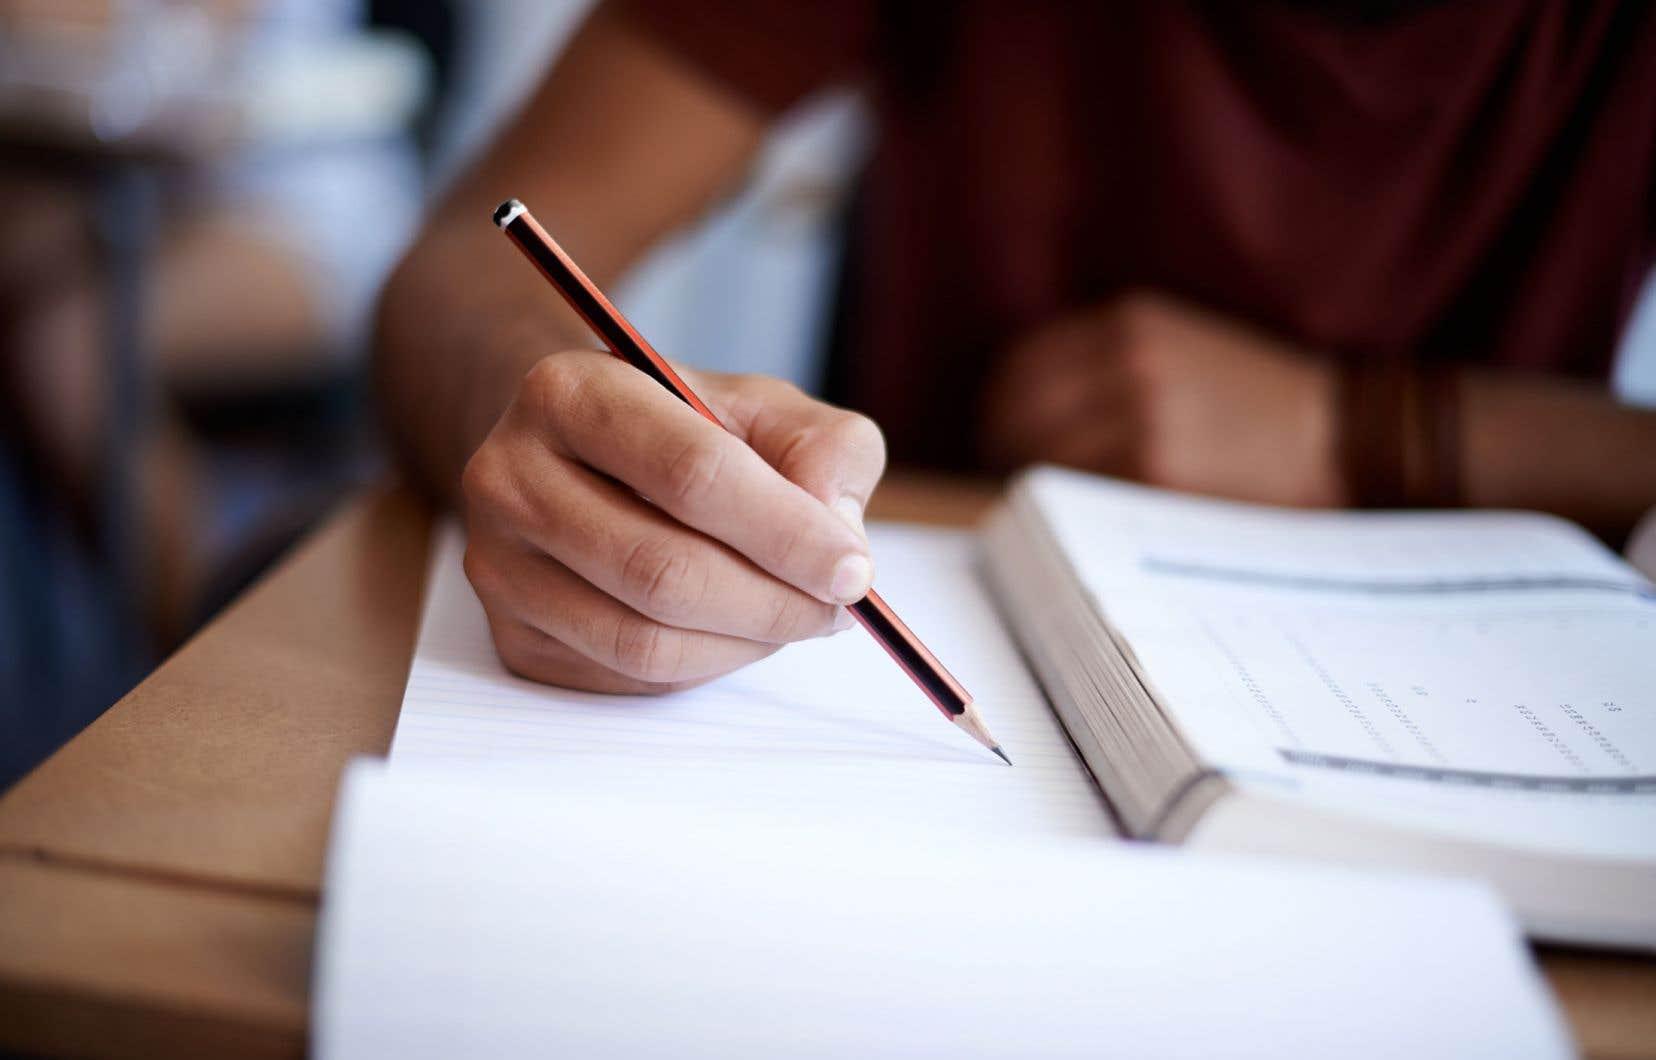 Plus de 115000 étudiants de niveau collégial et universitaire ont signé une pétition réclamant l'annulation des cours et la reconnaissance des crédits sans note chiffrée.